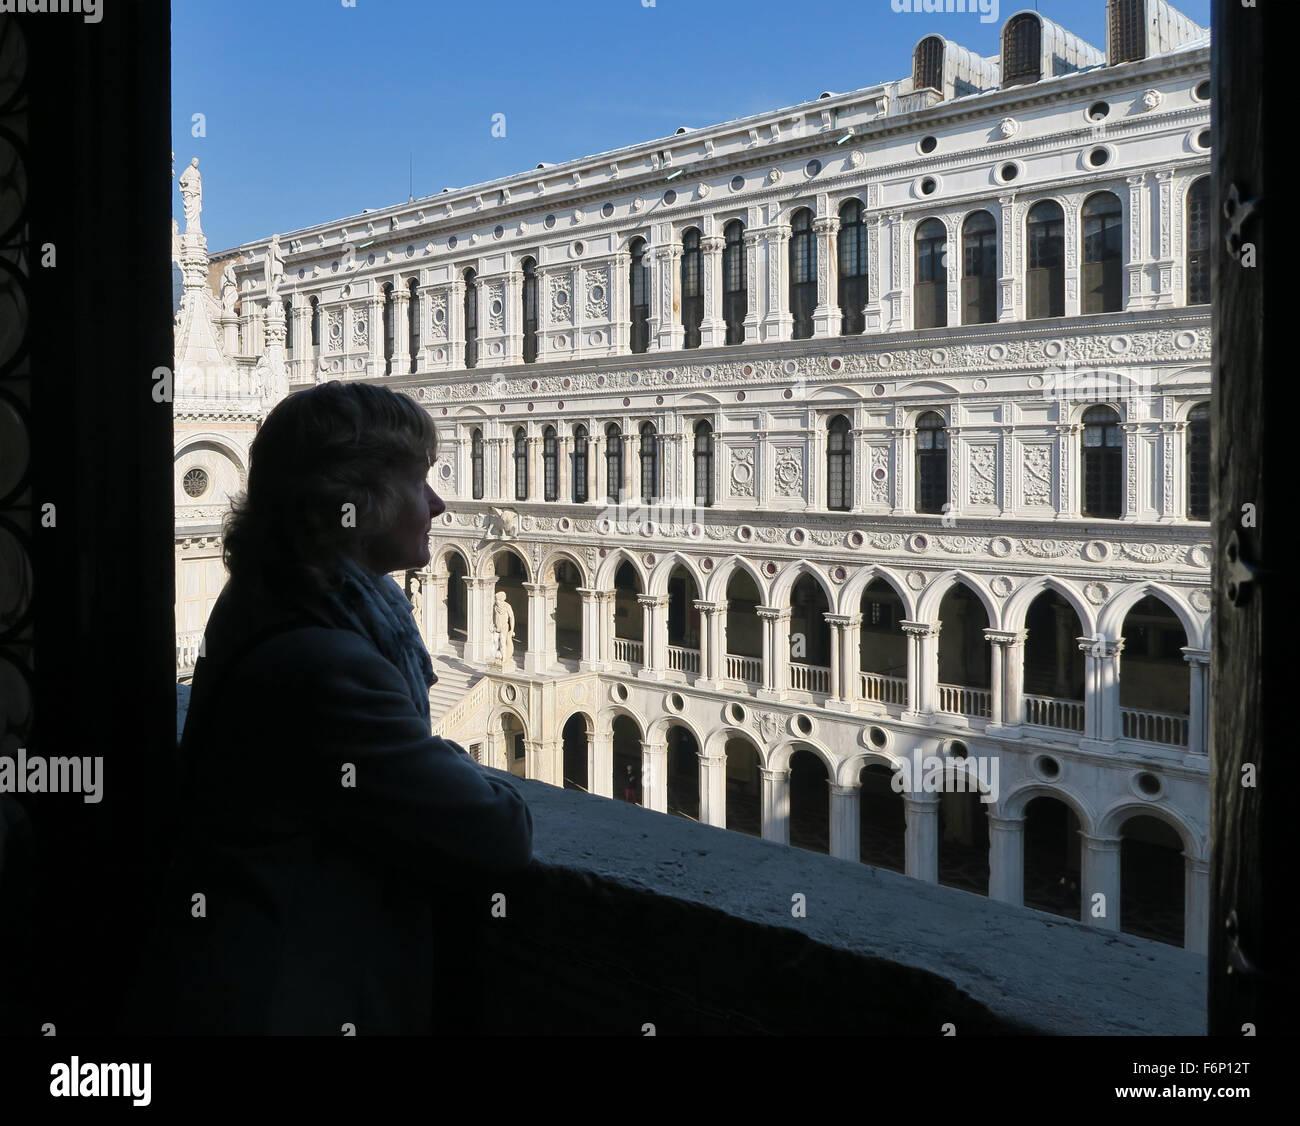 La cour d'affichage touristique à la façade du palais des Doges à la place St Marc, San Marco, Photo Stock